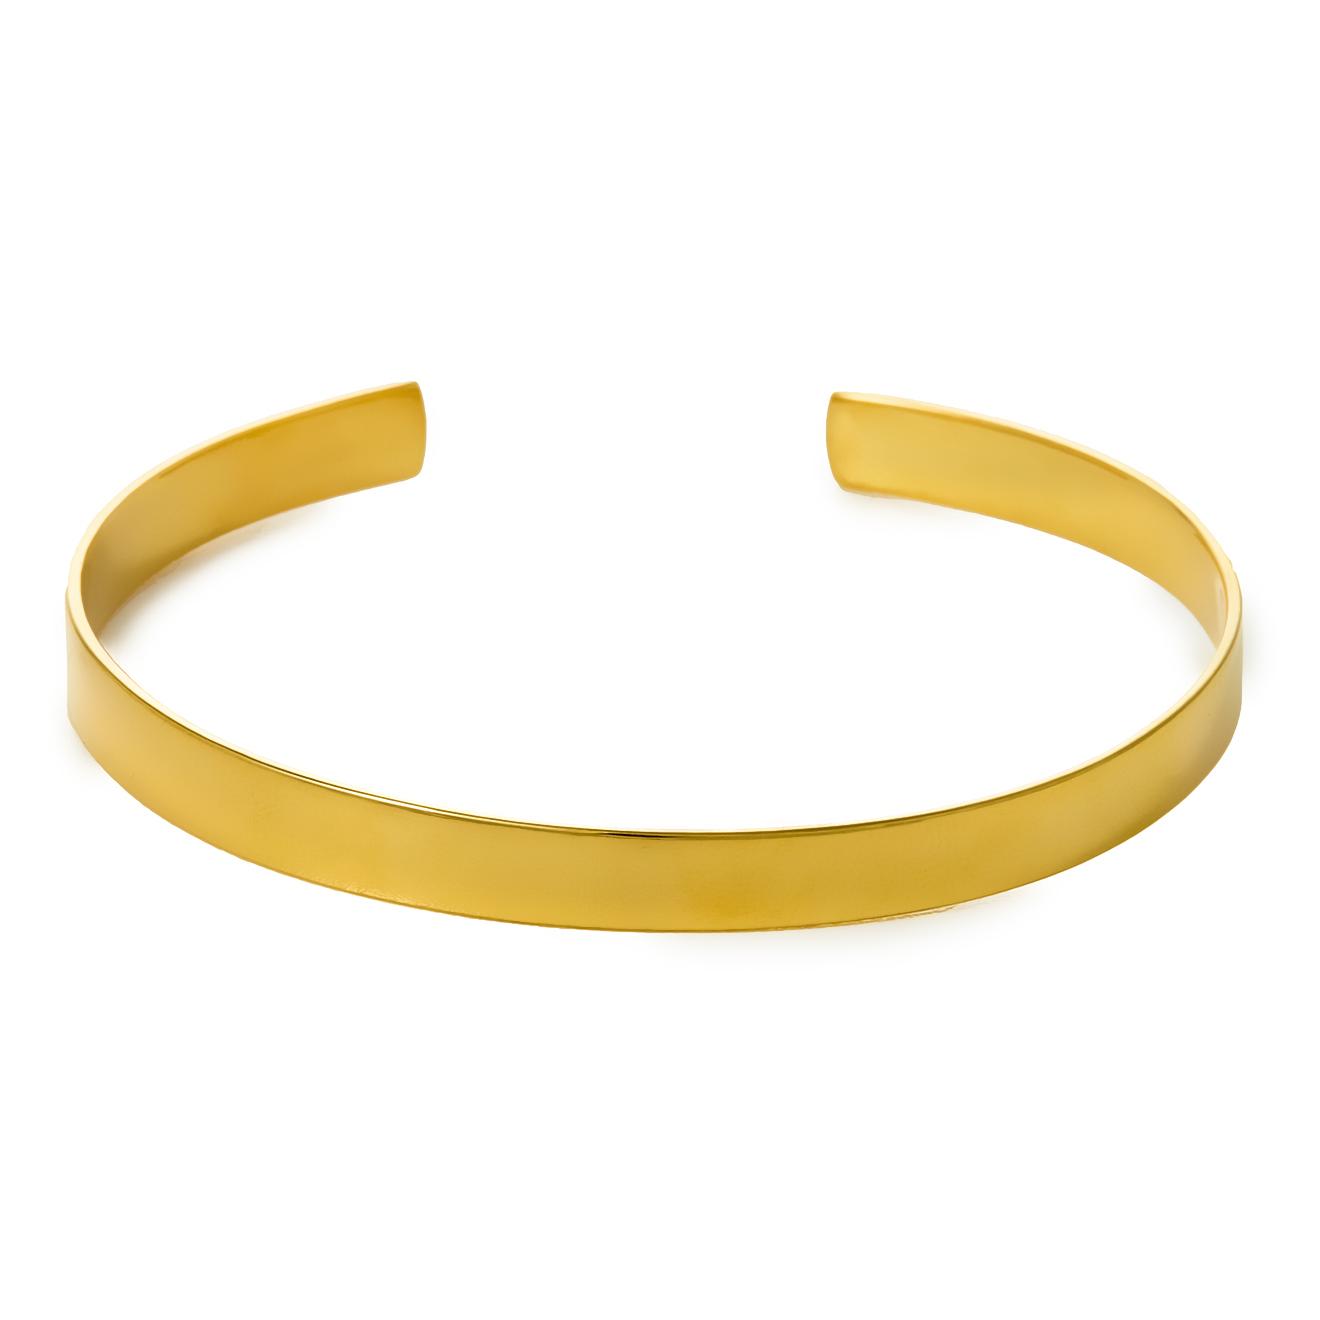 Wanna?Be! Позолоченный браслет Bangle